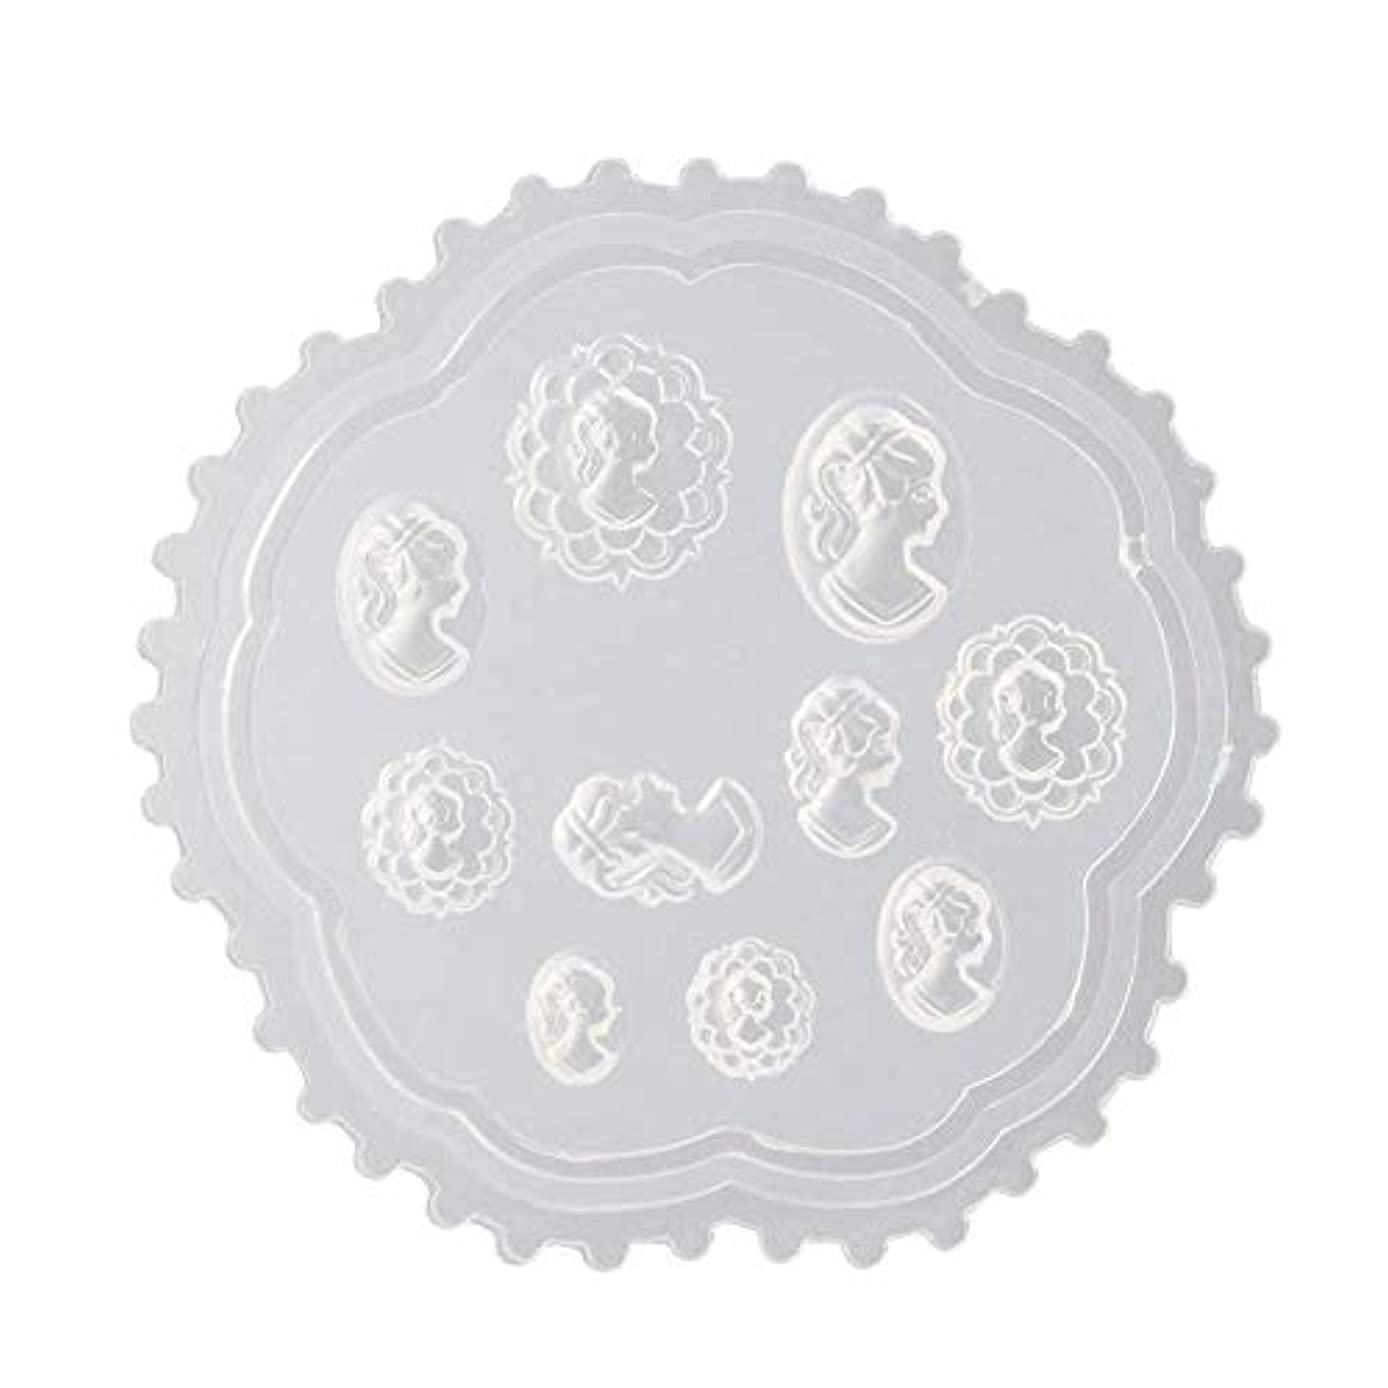 知覚できる認める先見の明coraly 3Dシリコンモールド ネイル 葉 花 抜き型 3Dネイル用 レジンモールド UVレジン ネイルパーツ ジェル ネイル セット アクセサリー パーツ 作成 (2)